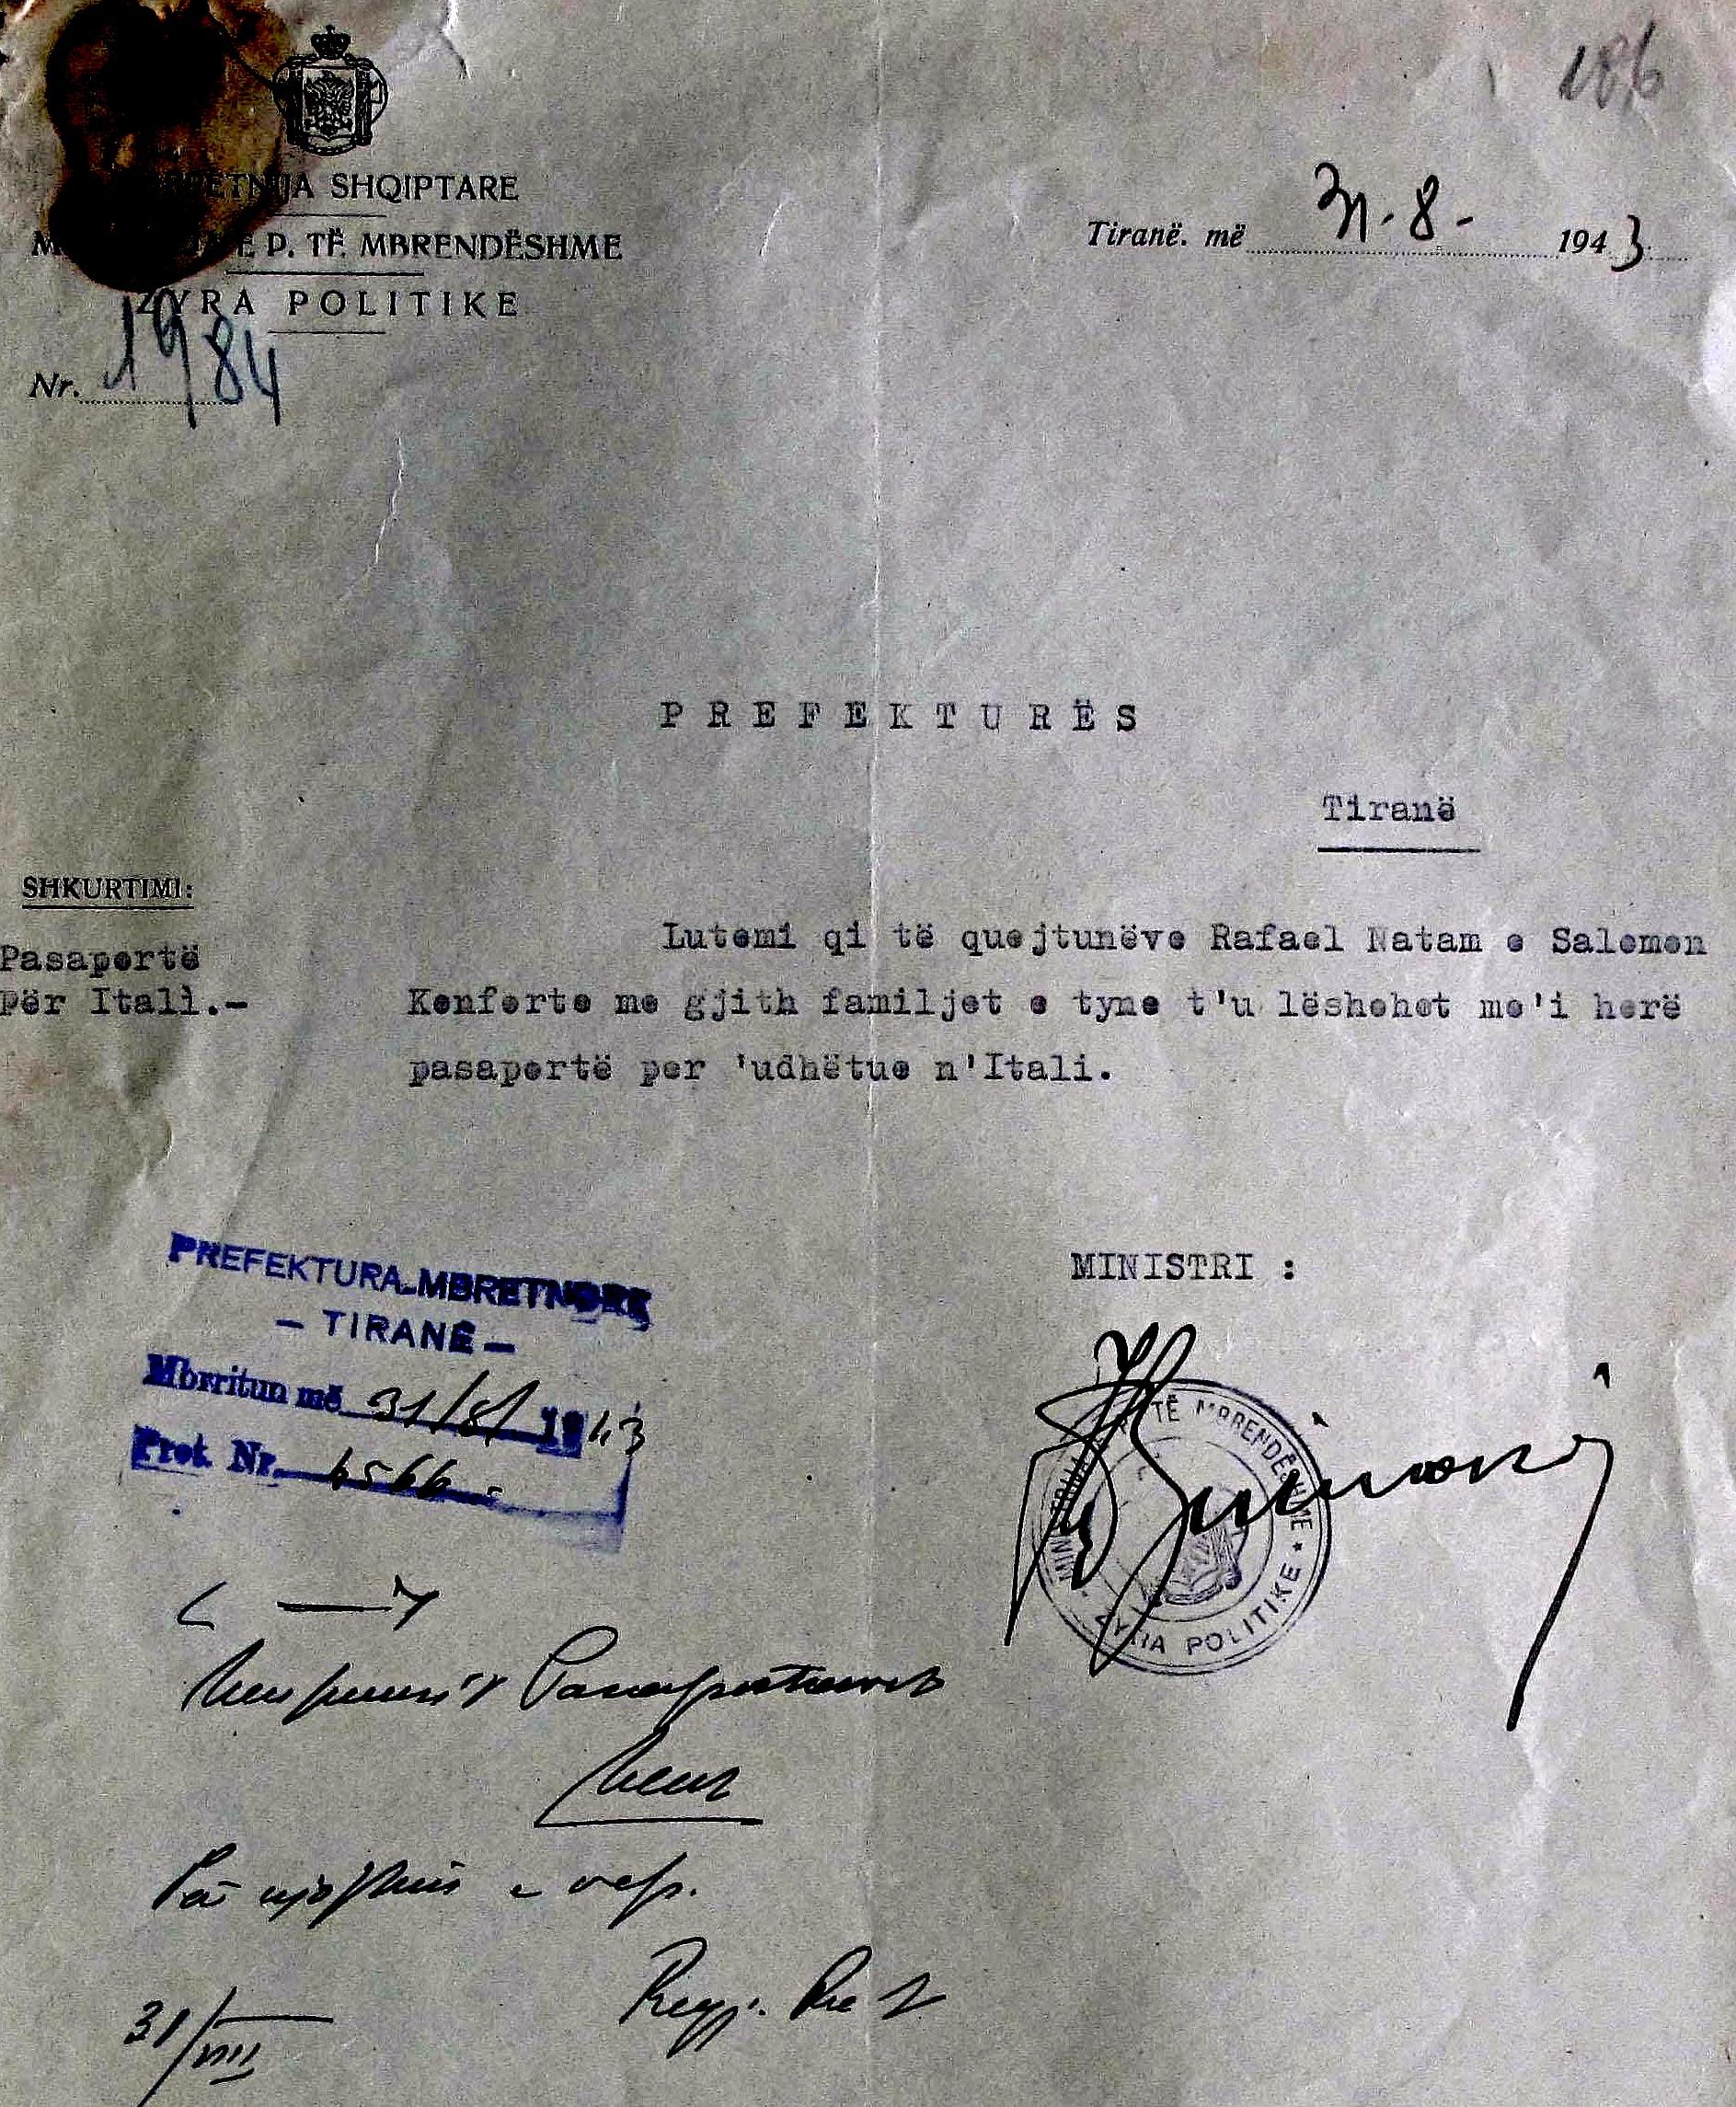 Kol Biba - Urdhër Pajisje me Pasaportë